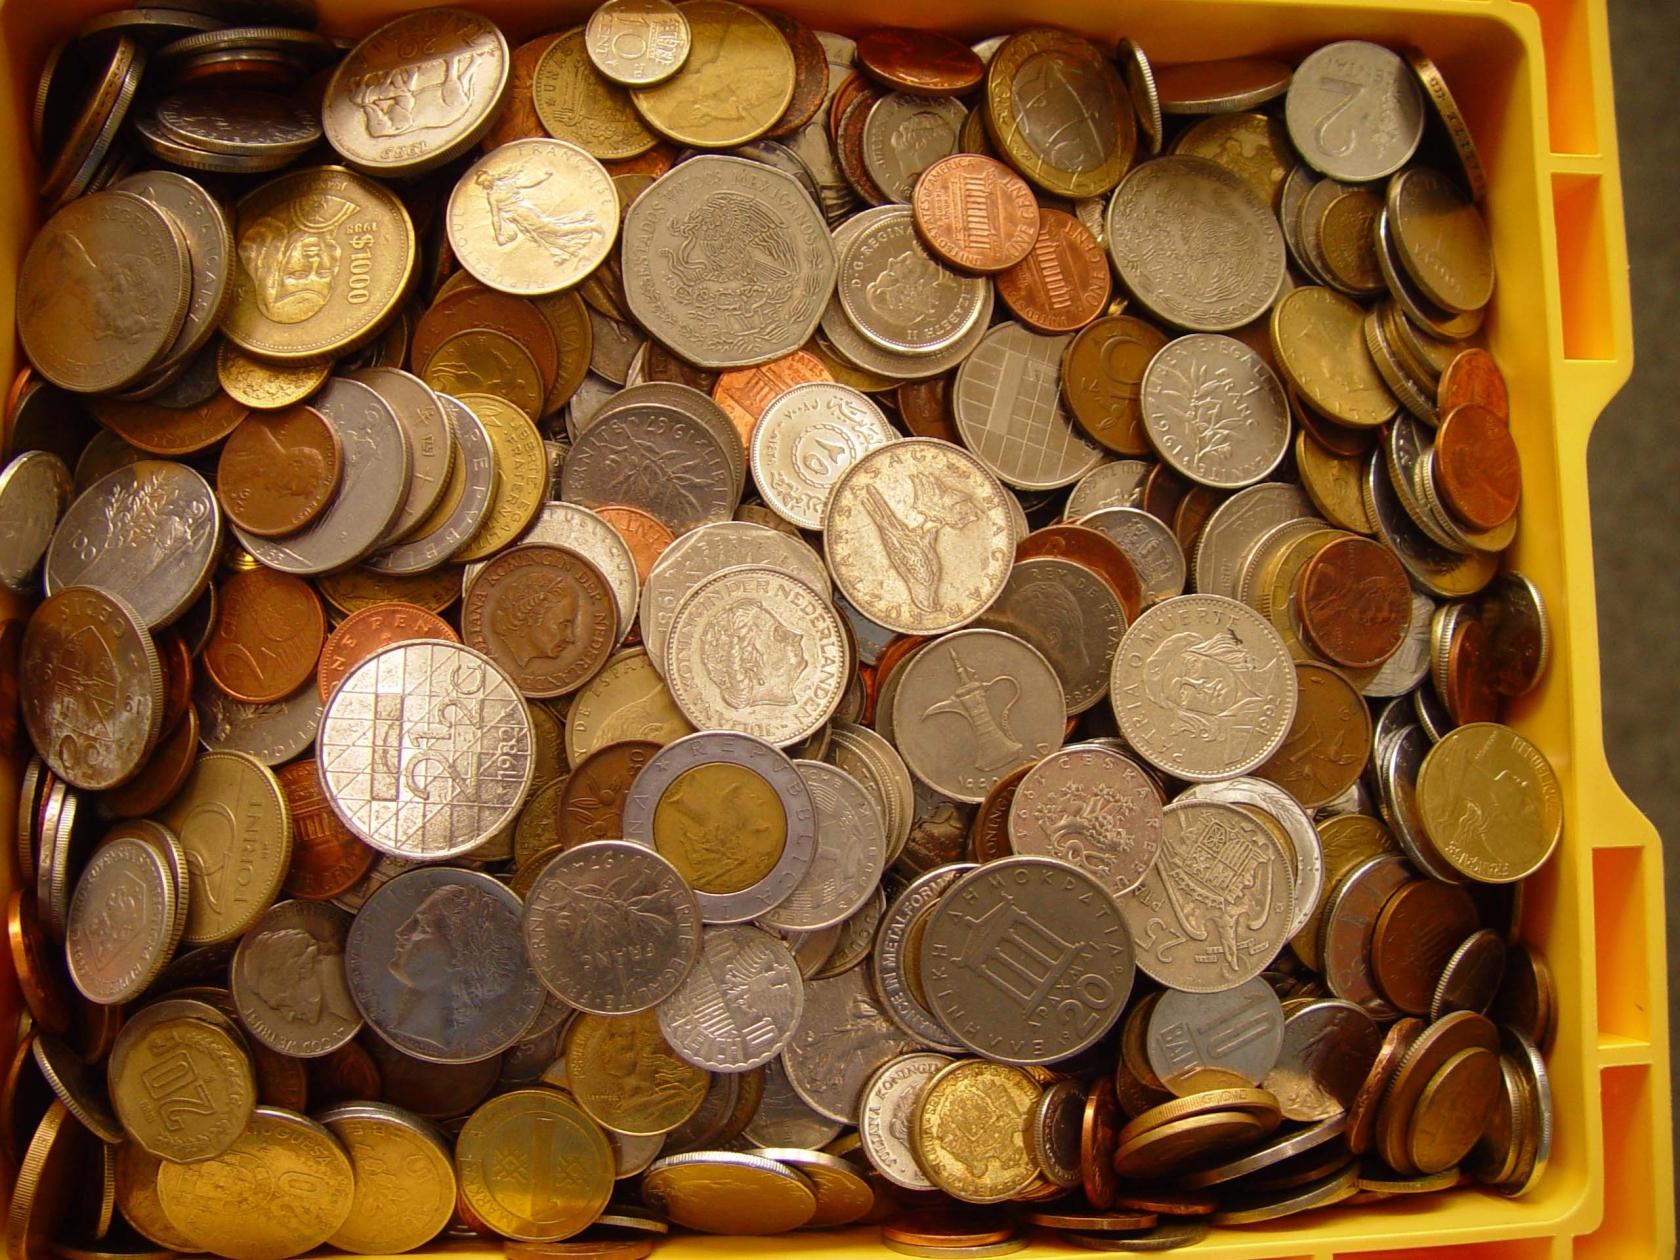 Münzen Kiloware Alle Welt 1 Kg Briefmarken Großheide Osnabrück